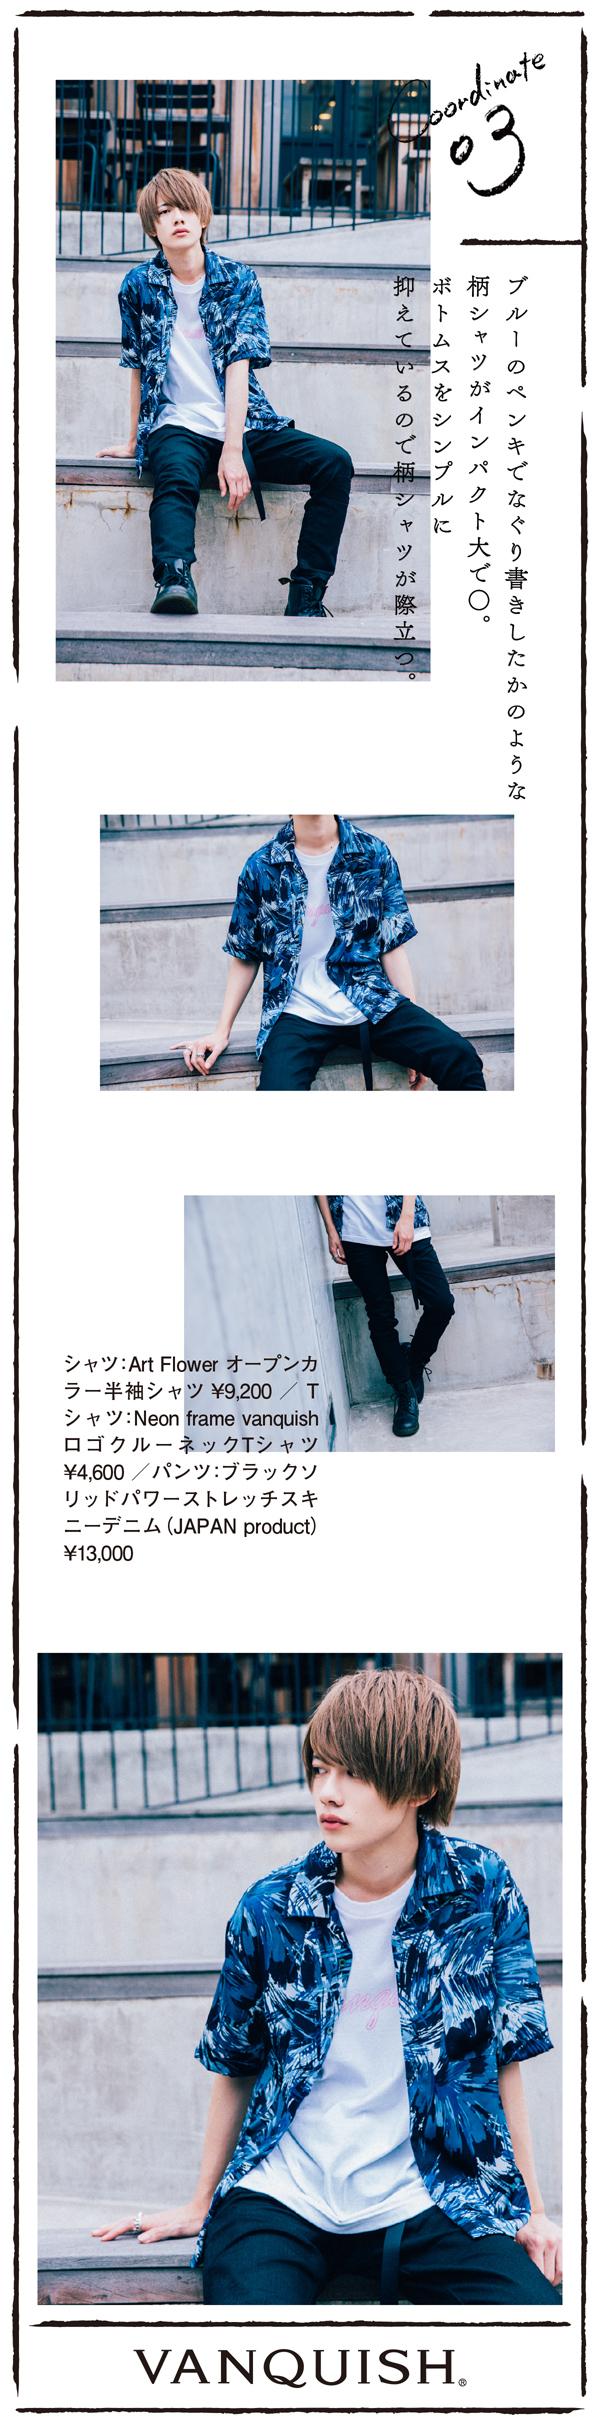 ブルーのペンキでなぐり書きしたかのような柄シャツがインパクト大で○。ボトムスをシンプルに抑えているので柄シャツが際立つ。Art Flower オープンカラー半袖シャツ¥9,200 、ブラックソリッドパワーストレッチスキニーデニム(JAPAN product)¥13,000